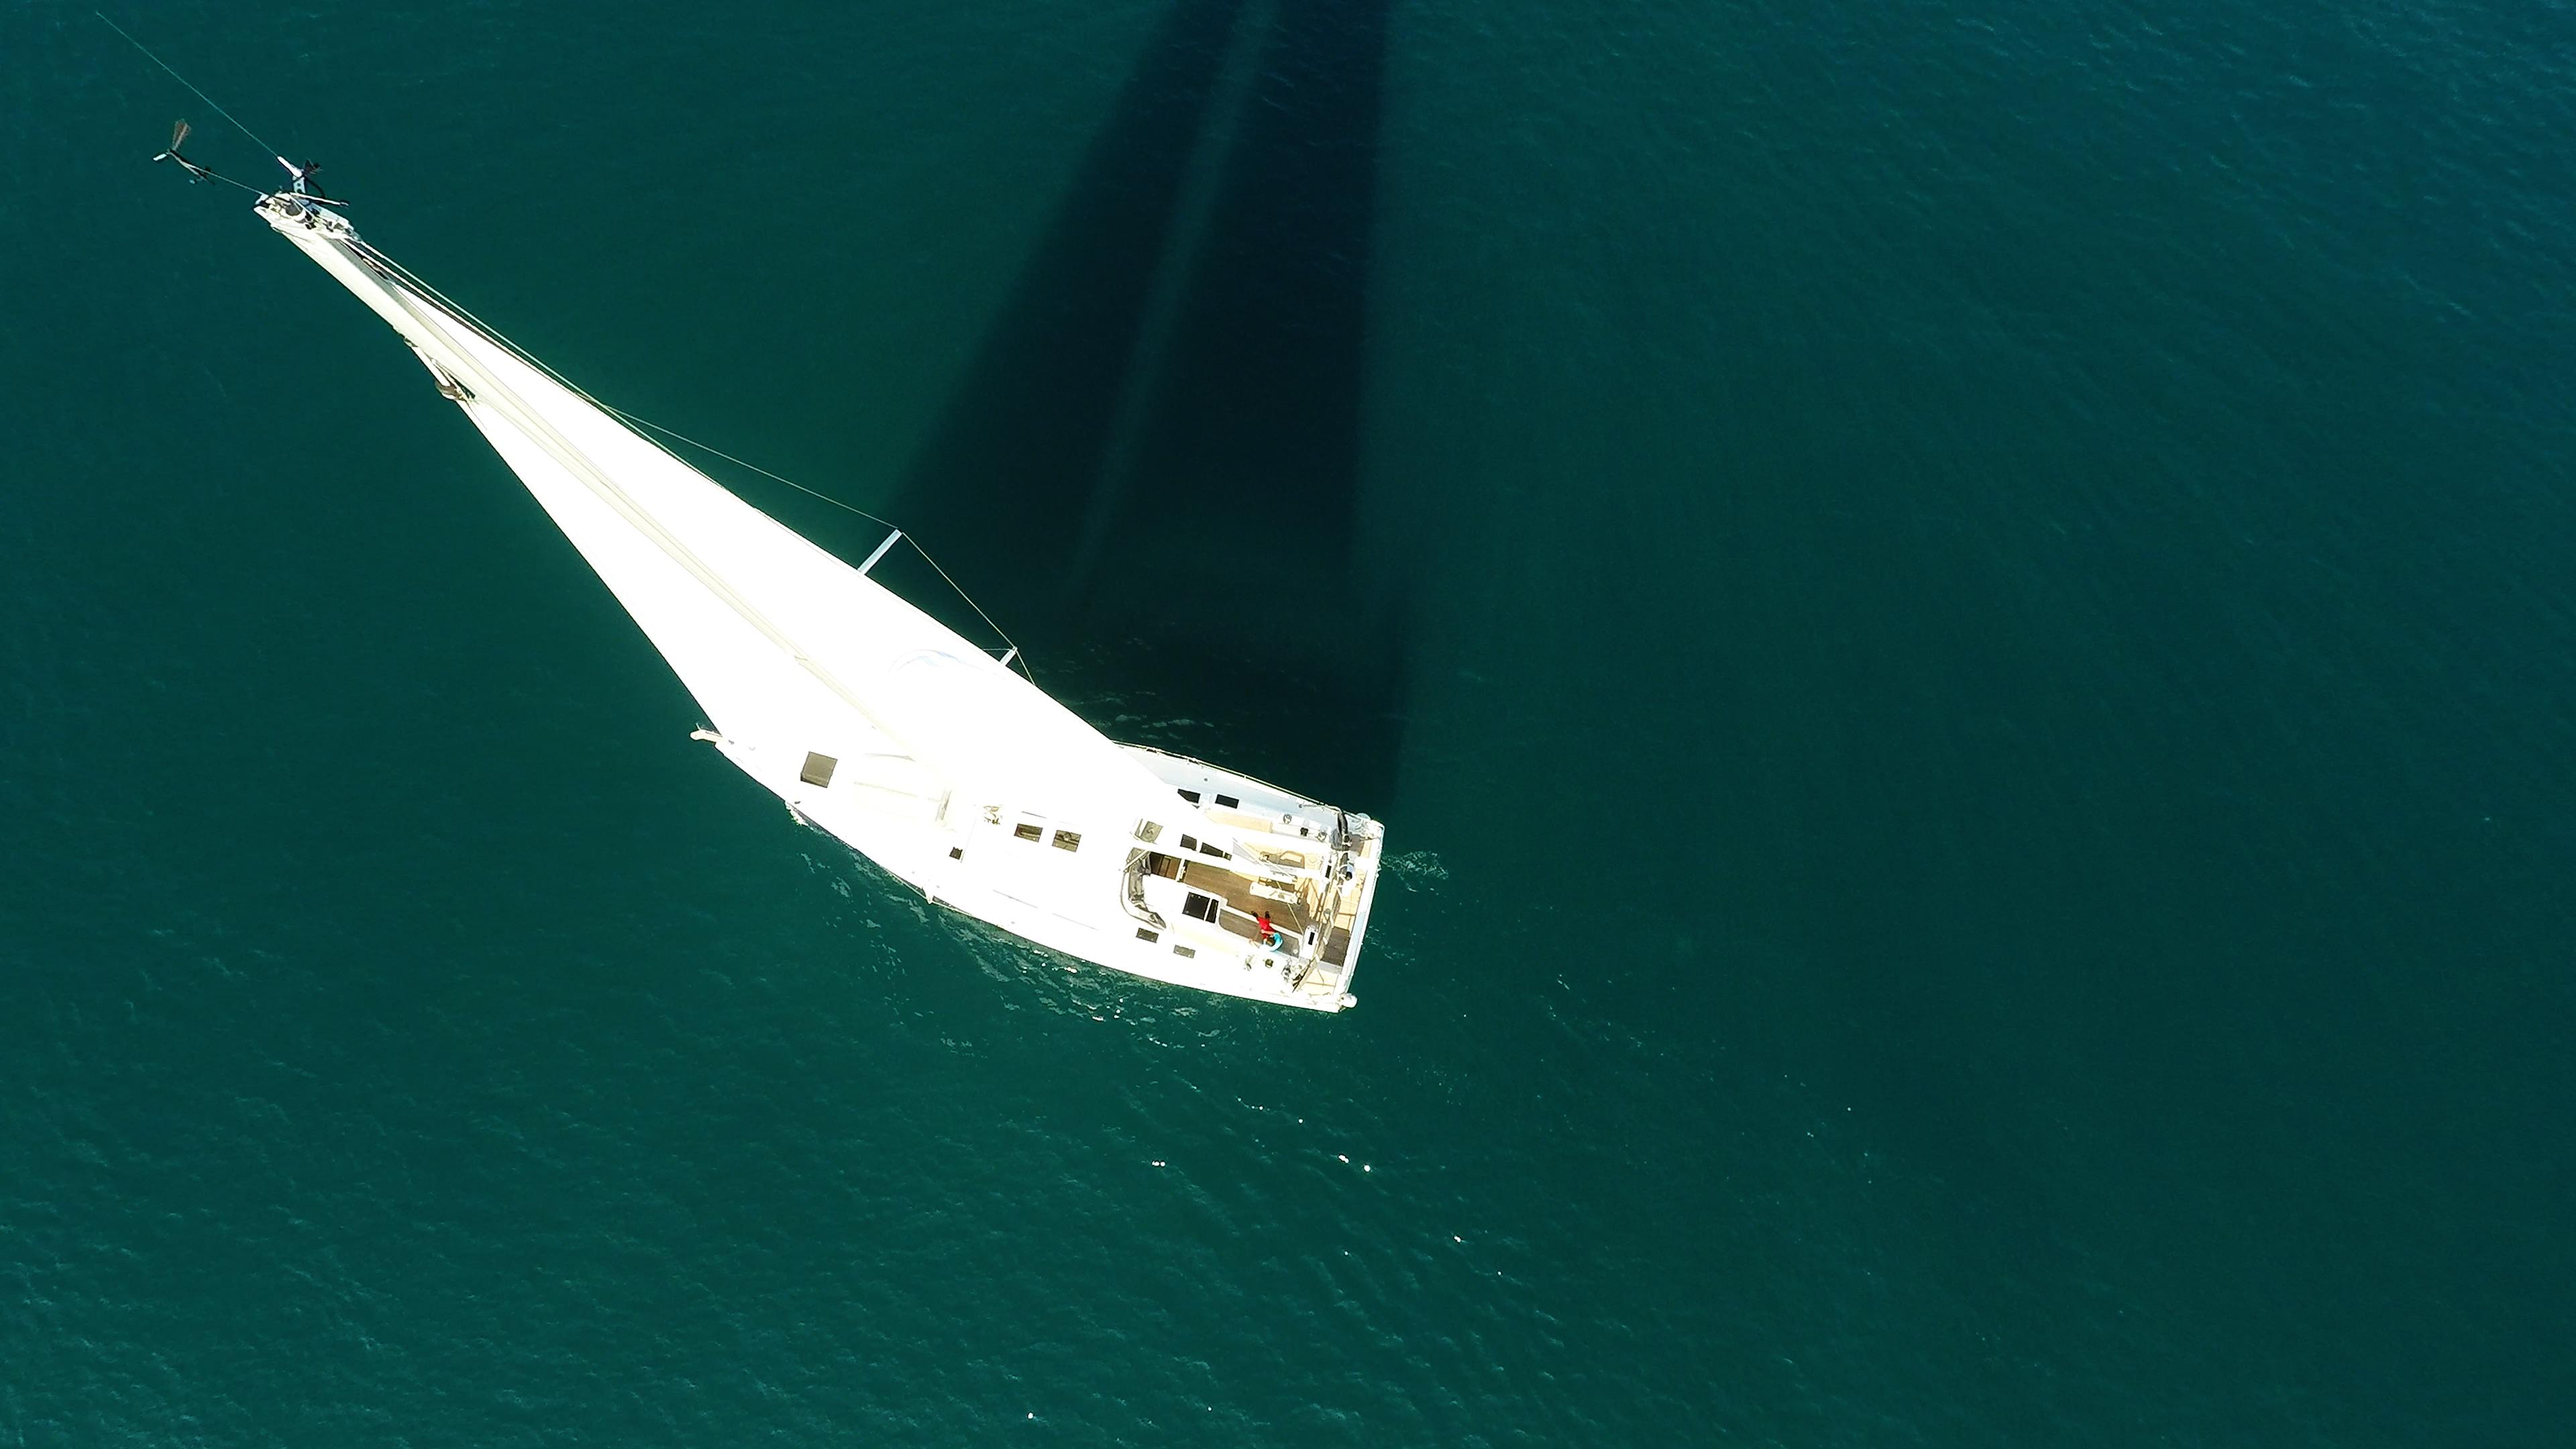 barcha a vela barca a vela nadir vista verticalee yacht a vela mare ponte